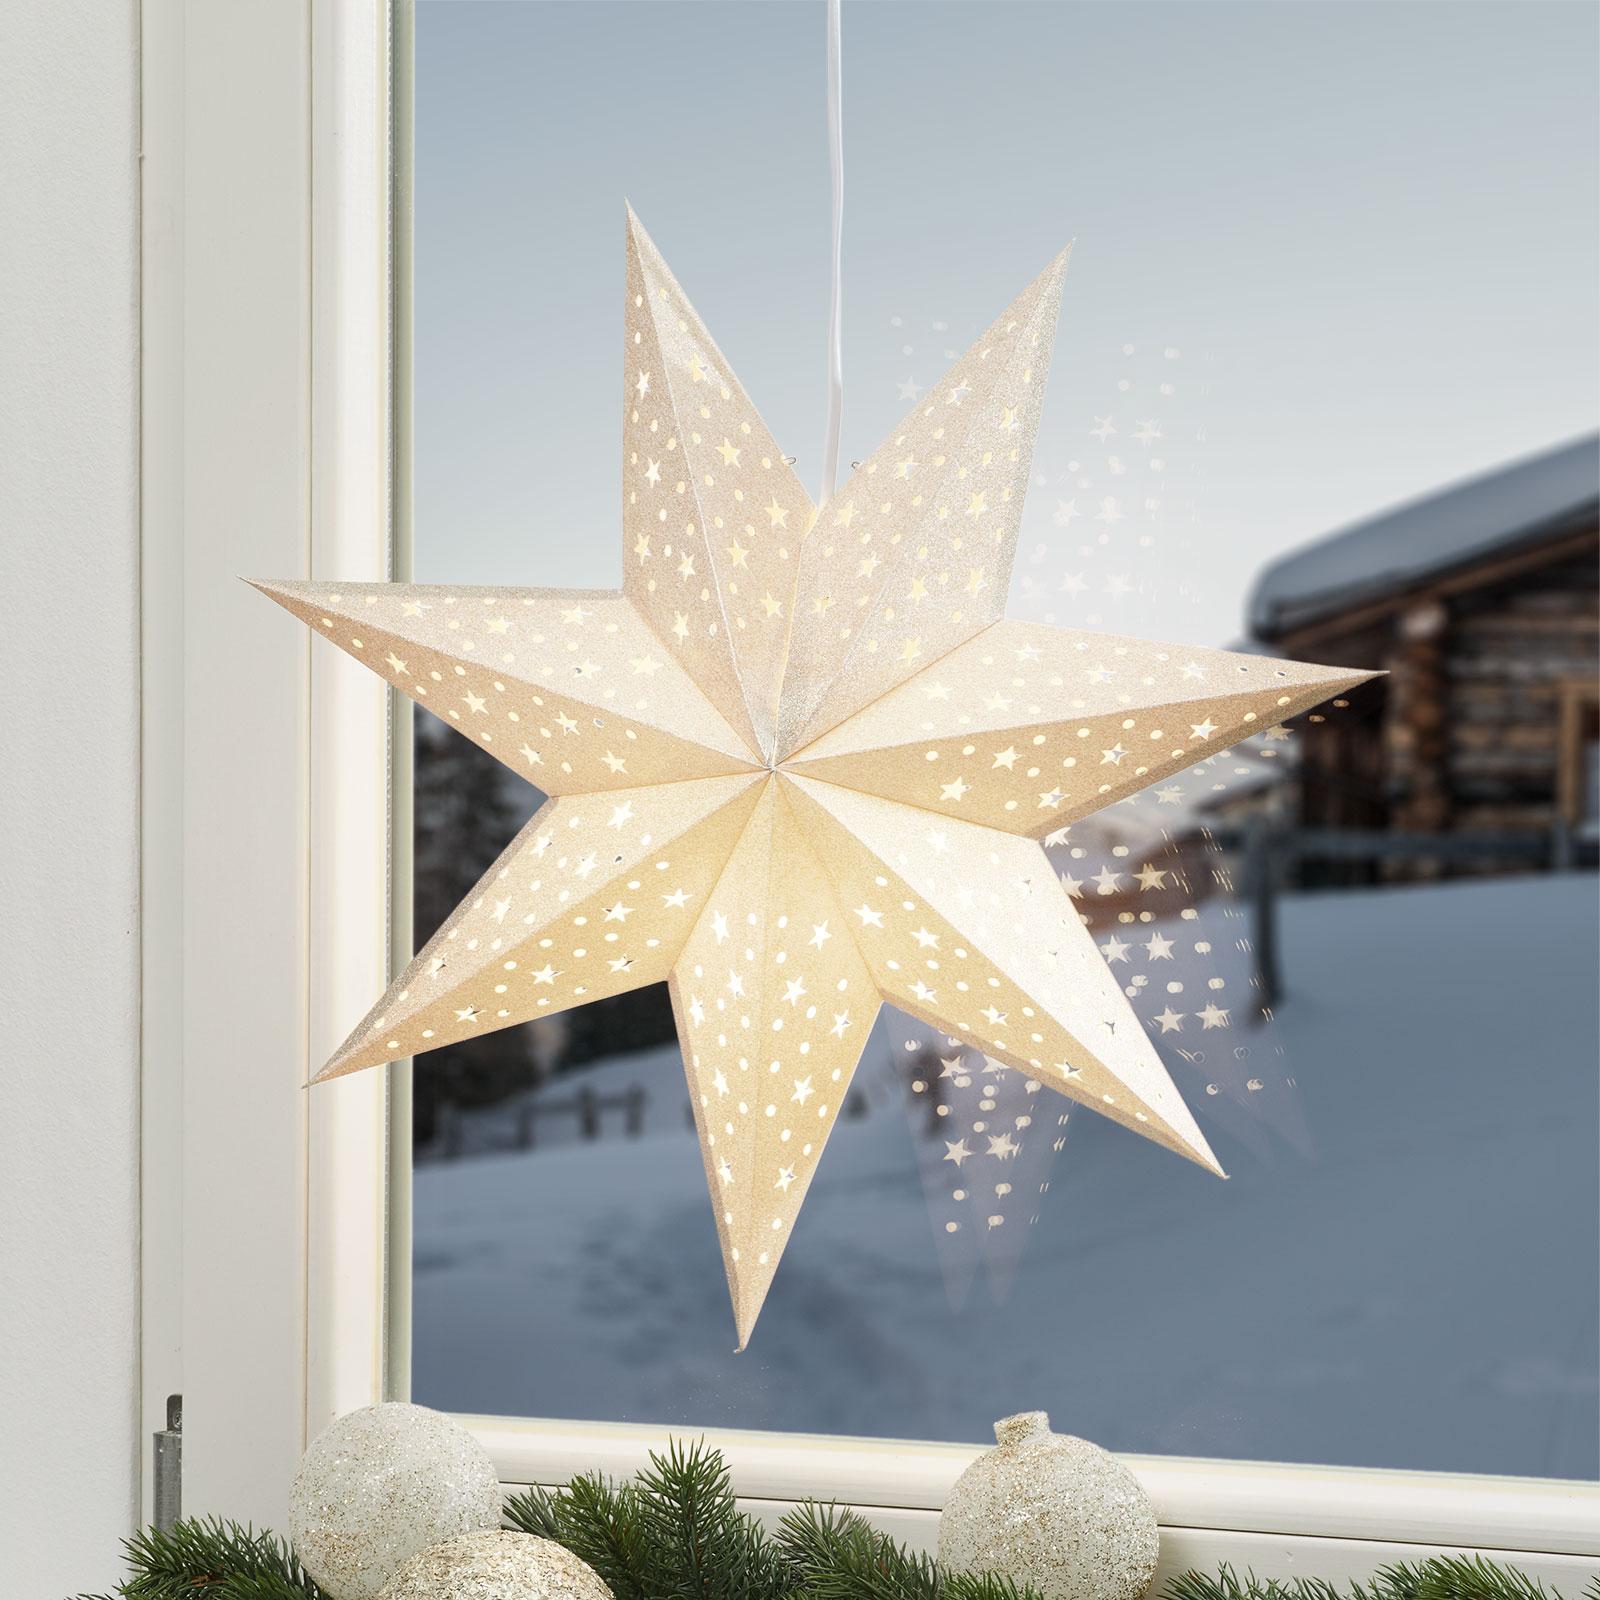 Gullfarget stjerne Solvalla 45 cm